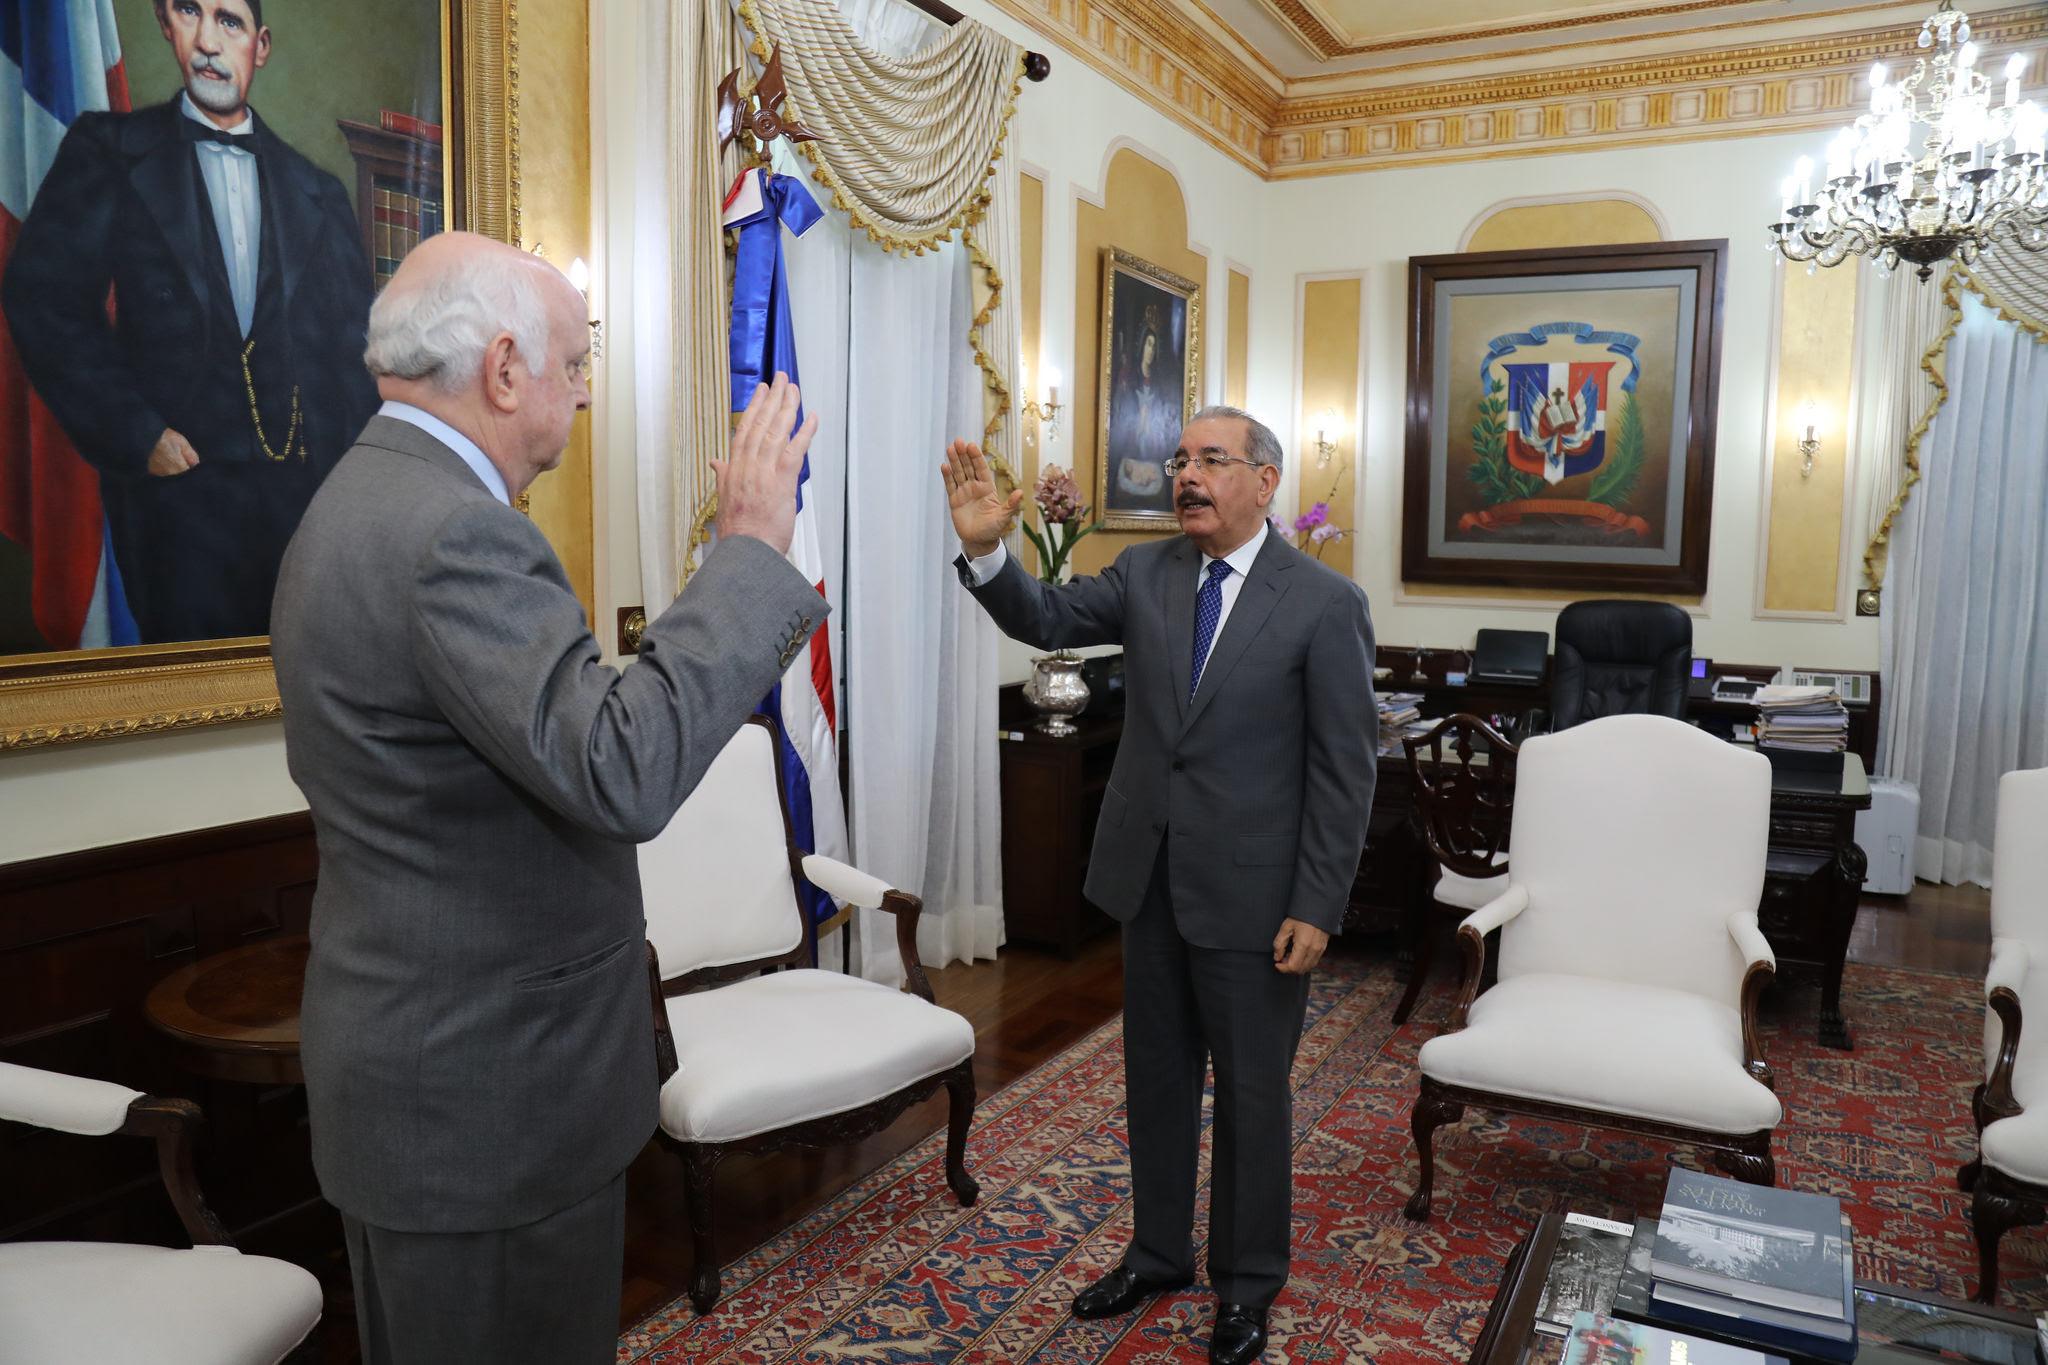 Medina juramenta embajador en misión especial ante Consejo Seguridad ONU